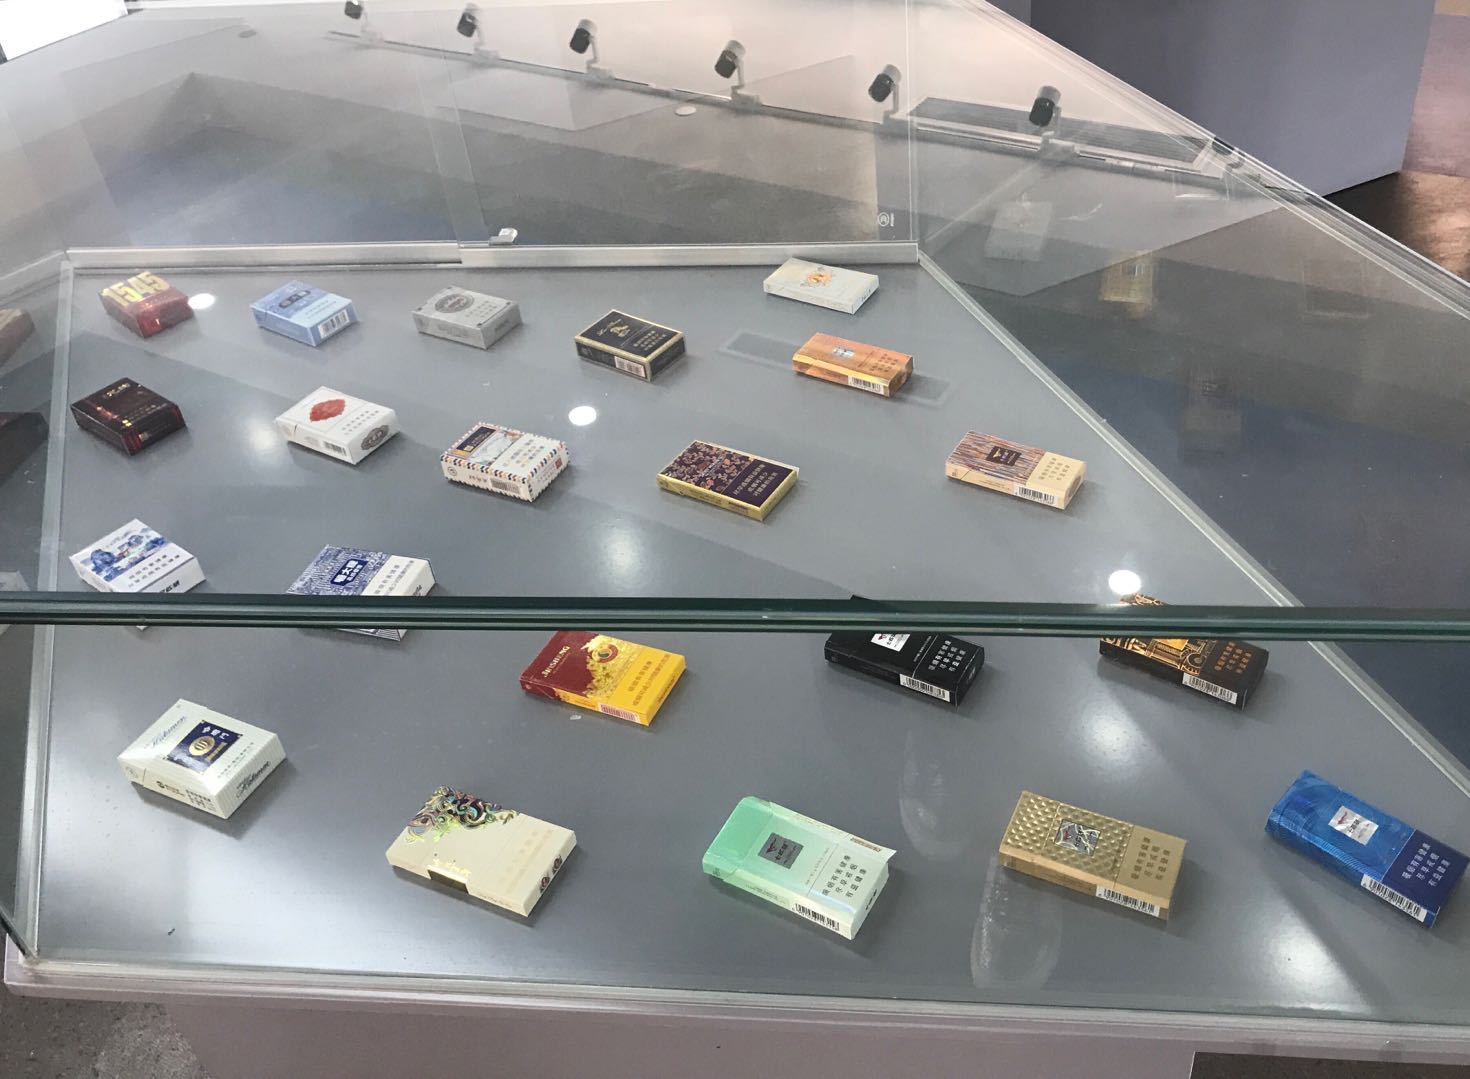 啪啪啪视频大全印务年产110万大箱烟标生产线迁建、技改、扩能项目竣工环境保护验收监测